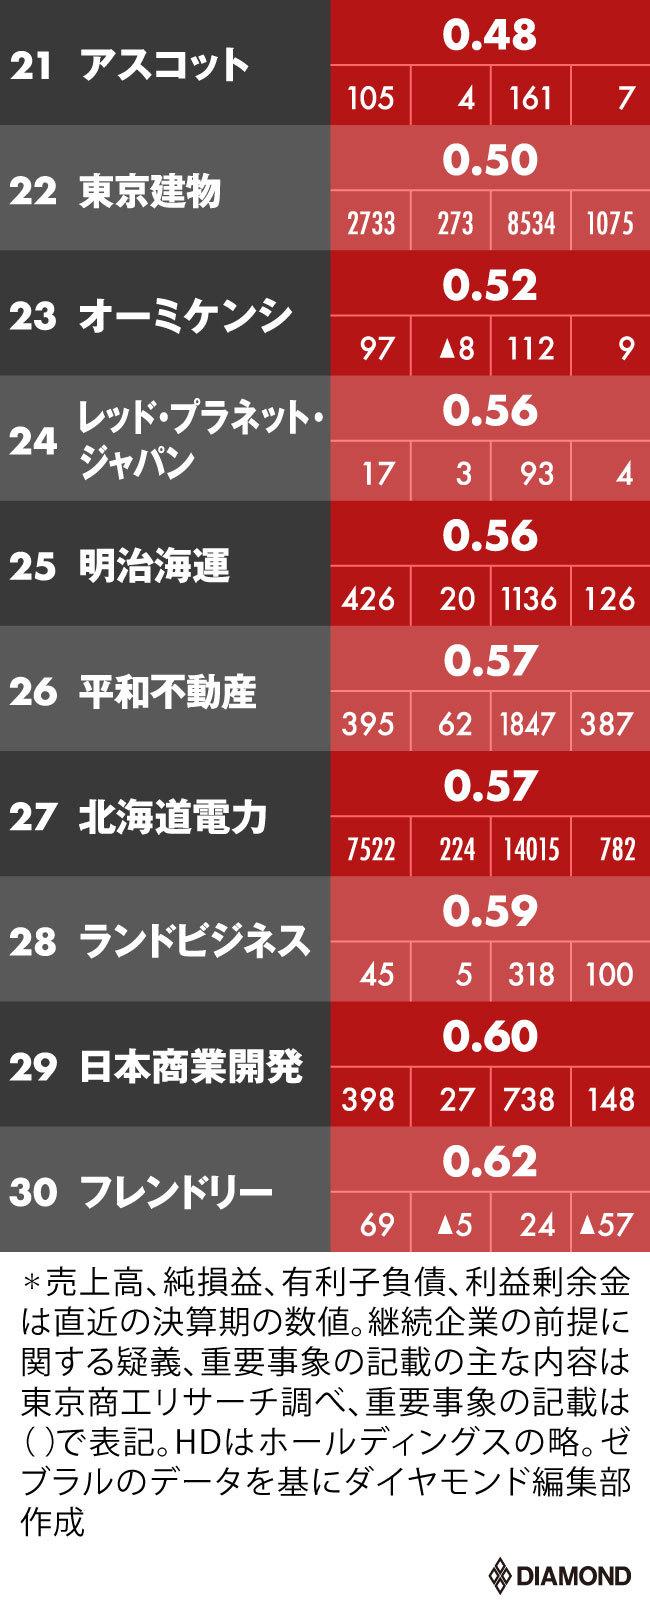 倒産危険度ワースト30(21~30位)